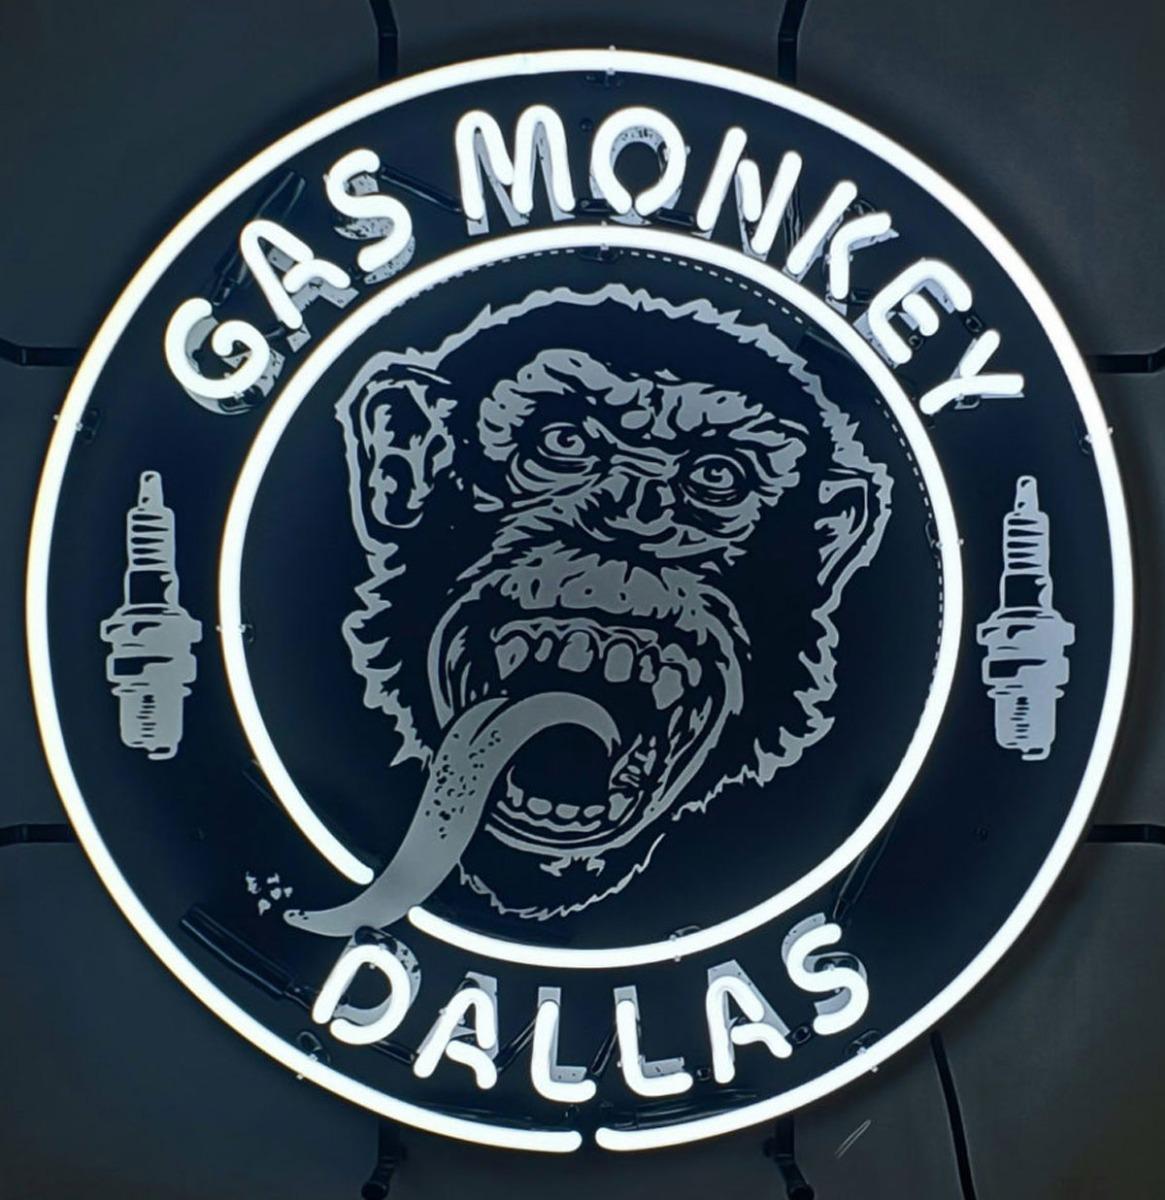 Gas Monkey Dallas Neon Verlichting 60 x 60 cm